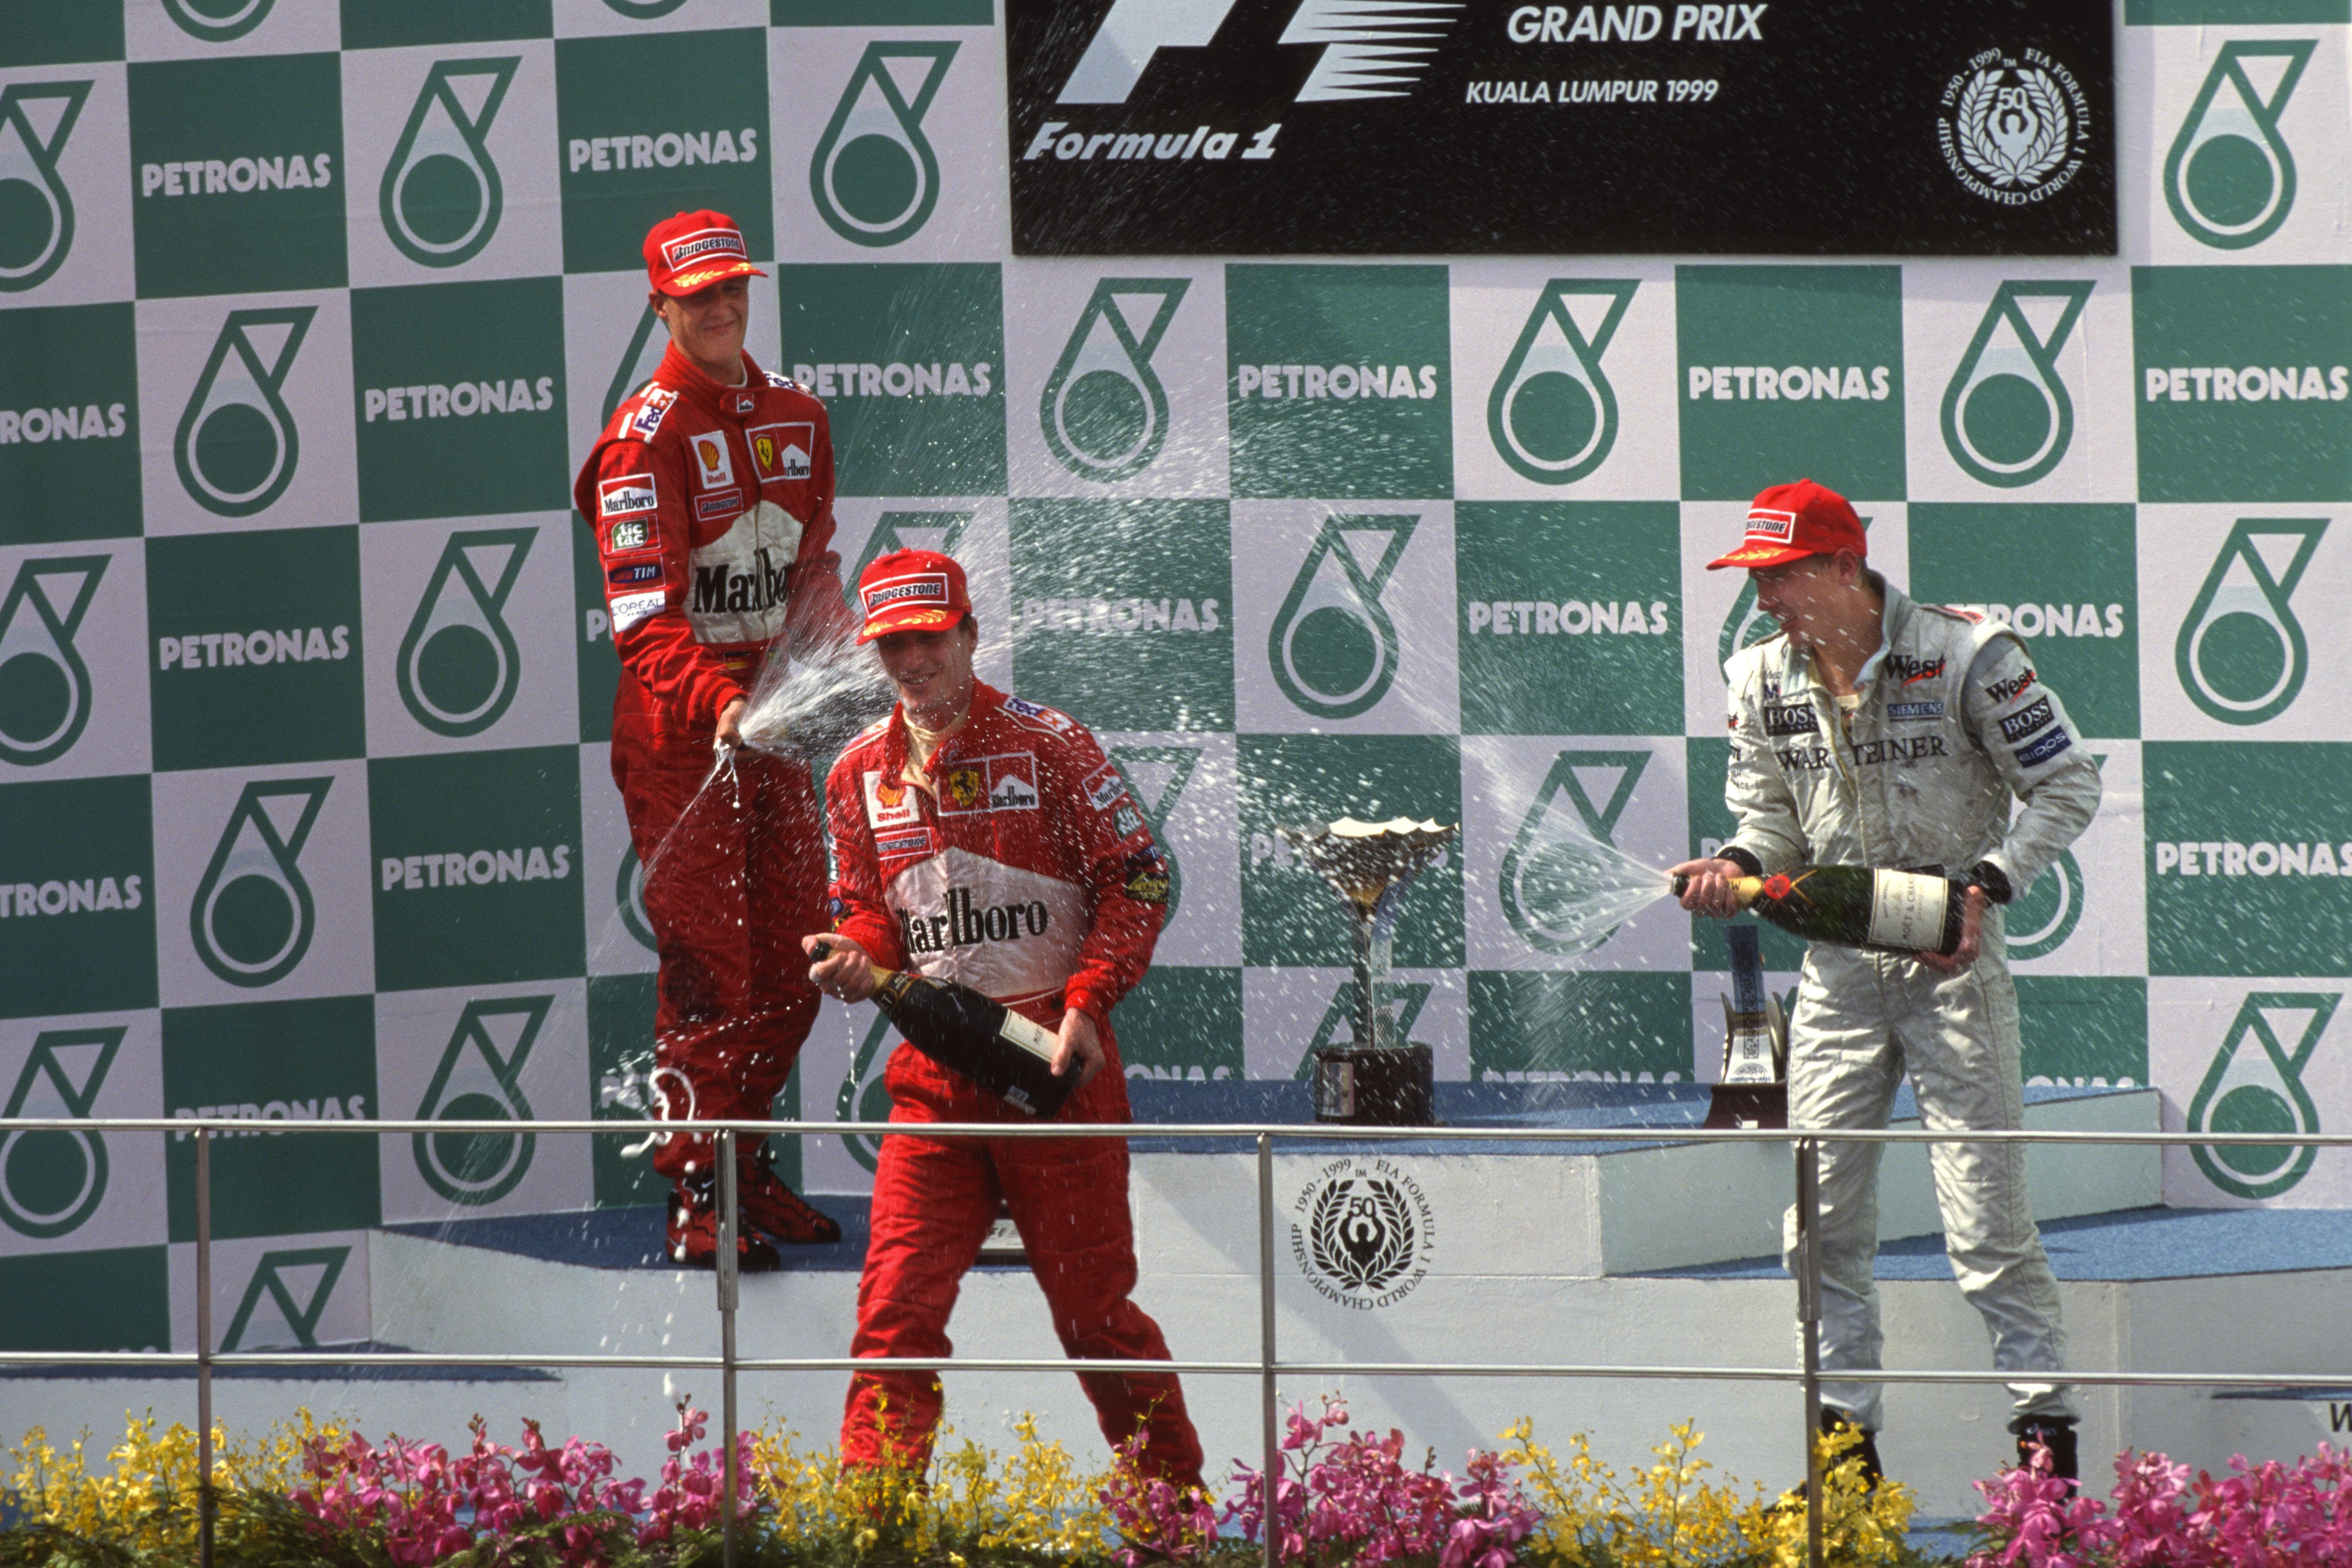 1999 Malaysian GP podium Eddie Irvine Michael Schumacher Mika Hakkinen F1 Ferrari McLaren Sepang